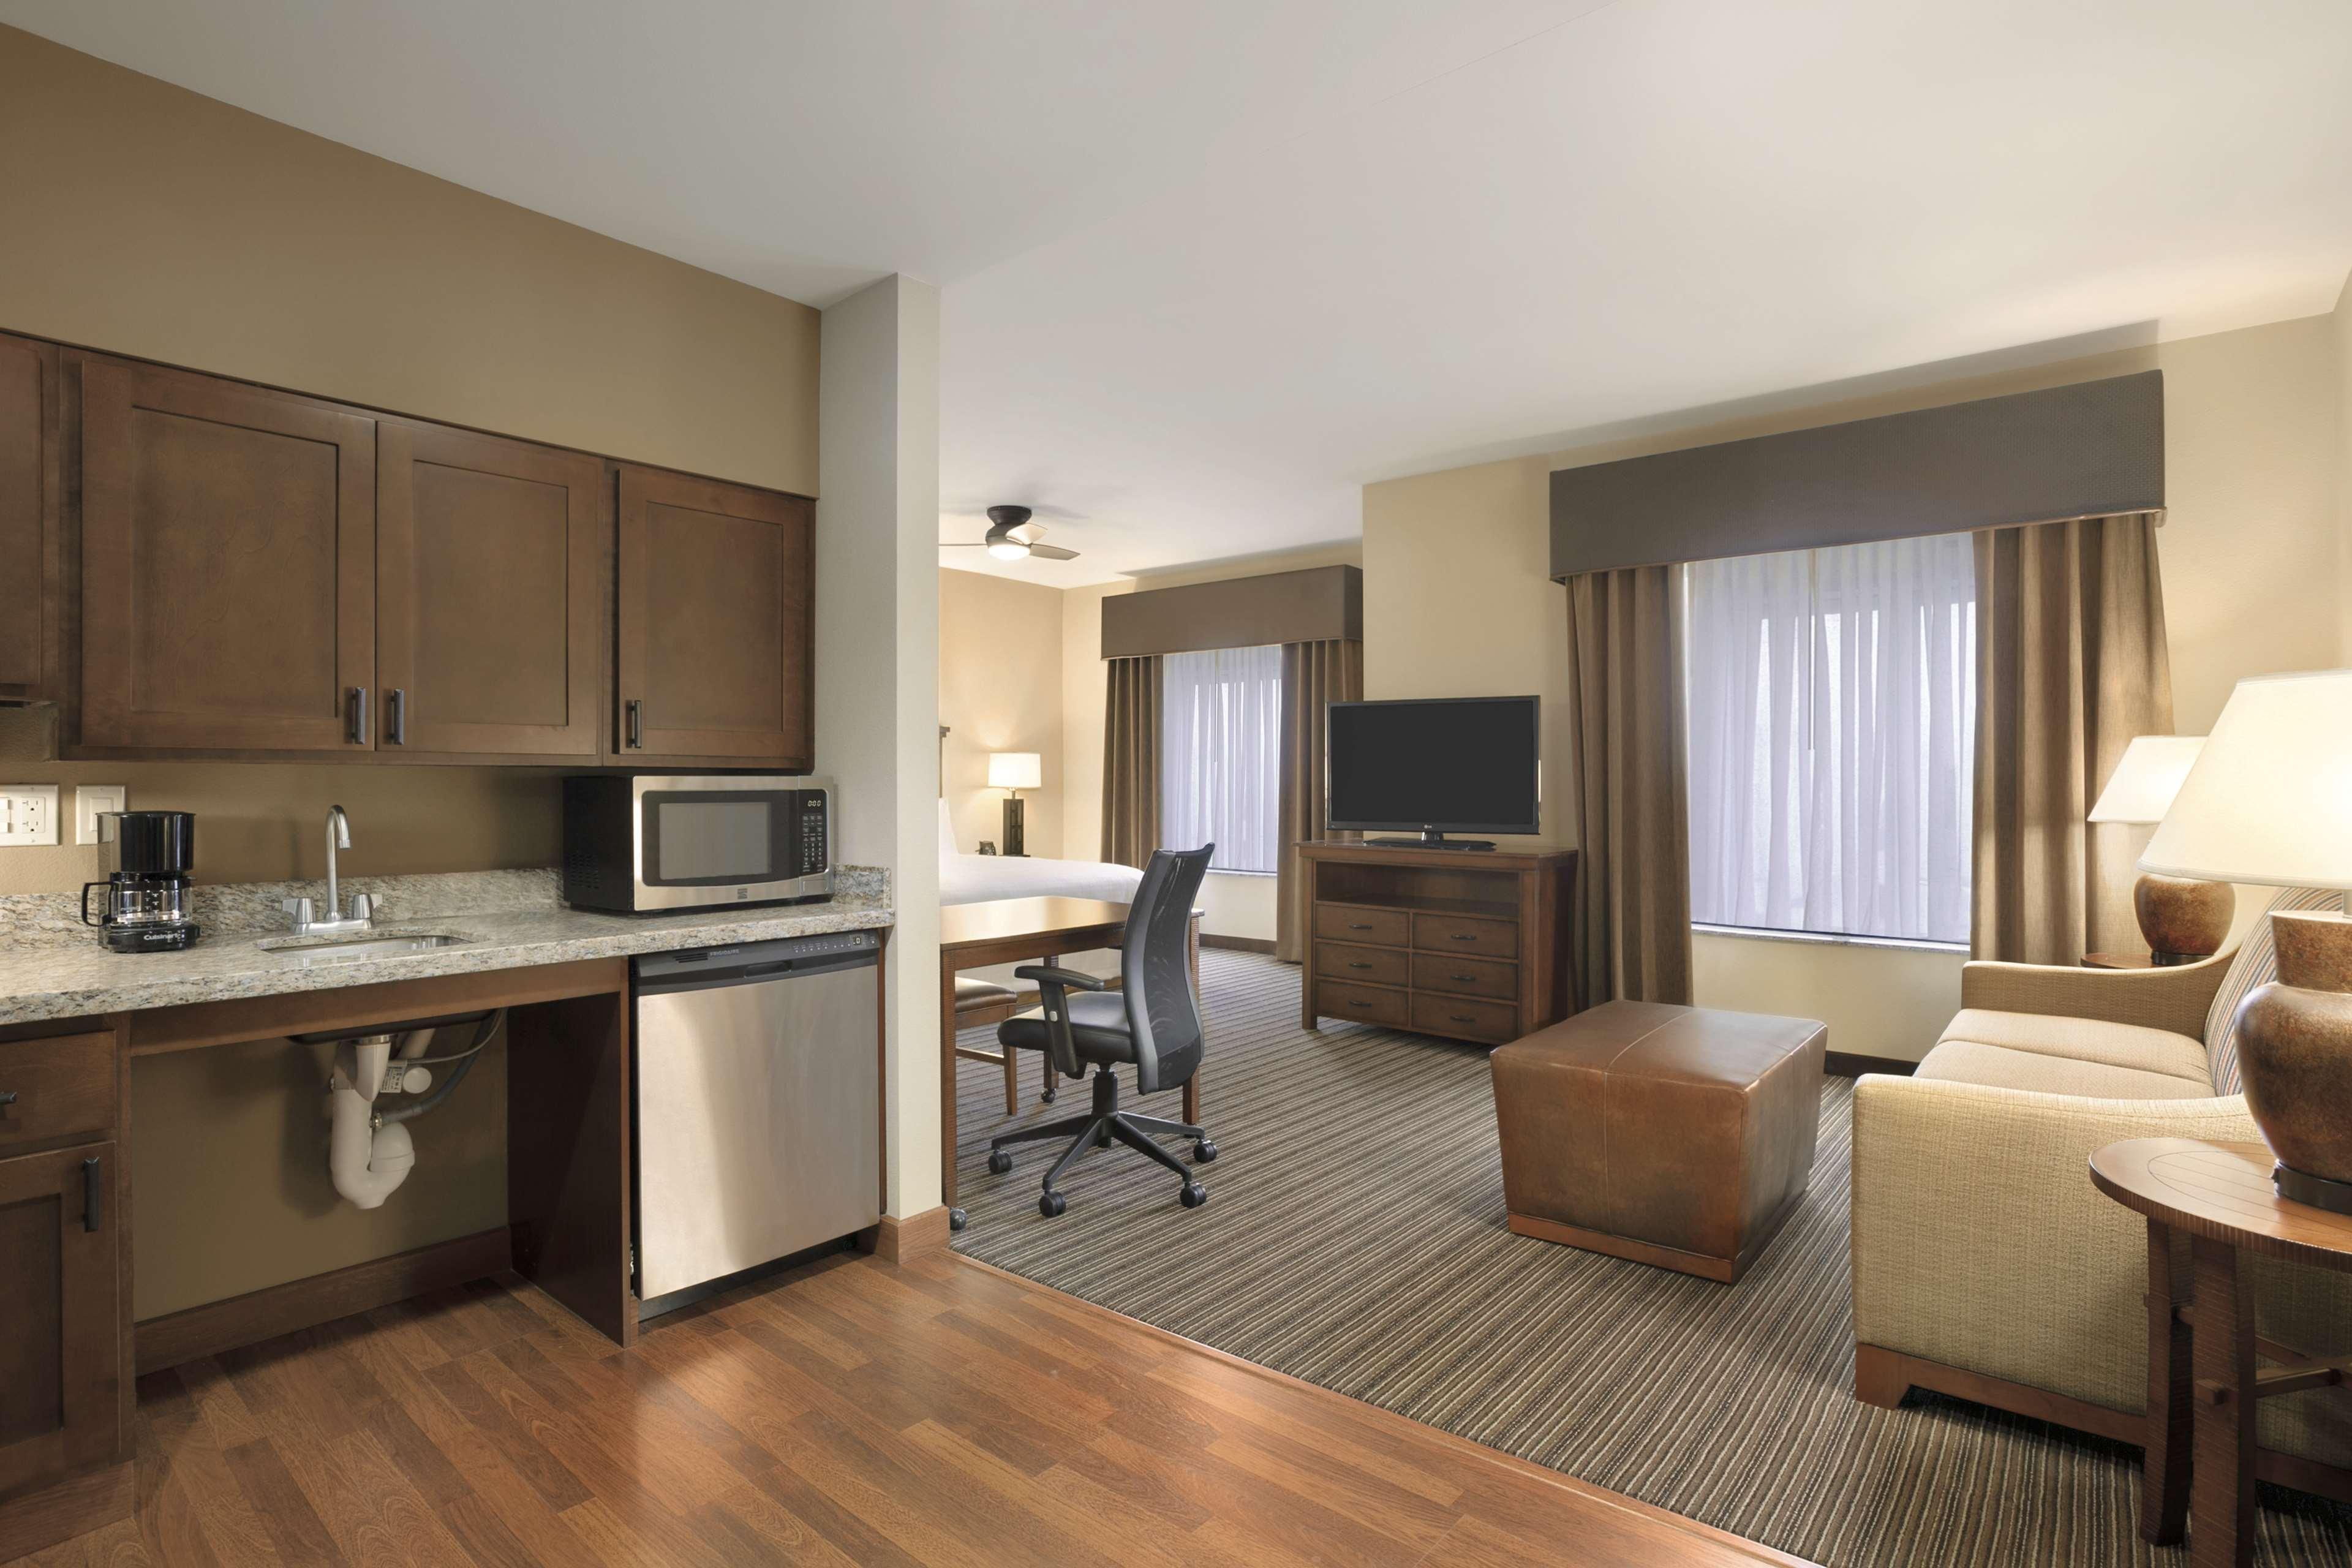 Homewood Suites by Hilton Kalispell, MT image 14